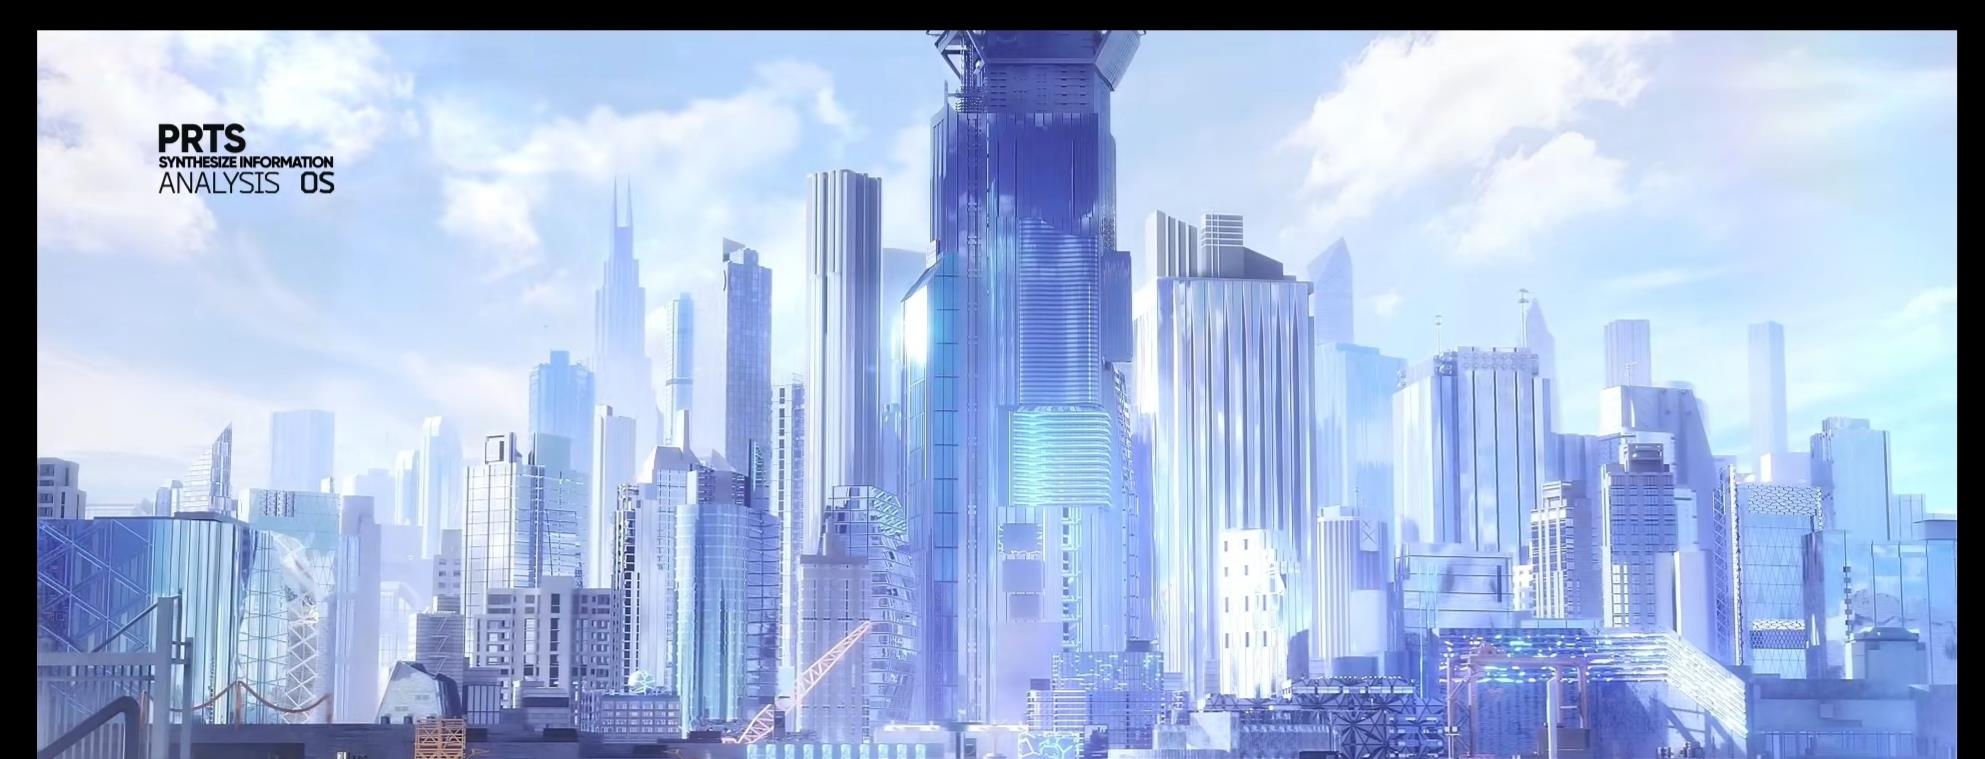 魔女换装_明日方舟: 初探泰拉世界大陆全貌,舟学家的狂欢,考据党的噩梦-第4张图片-游戏摸鱼怪